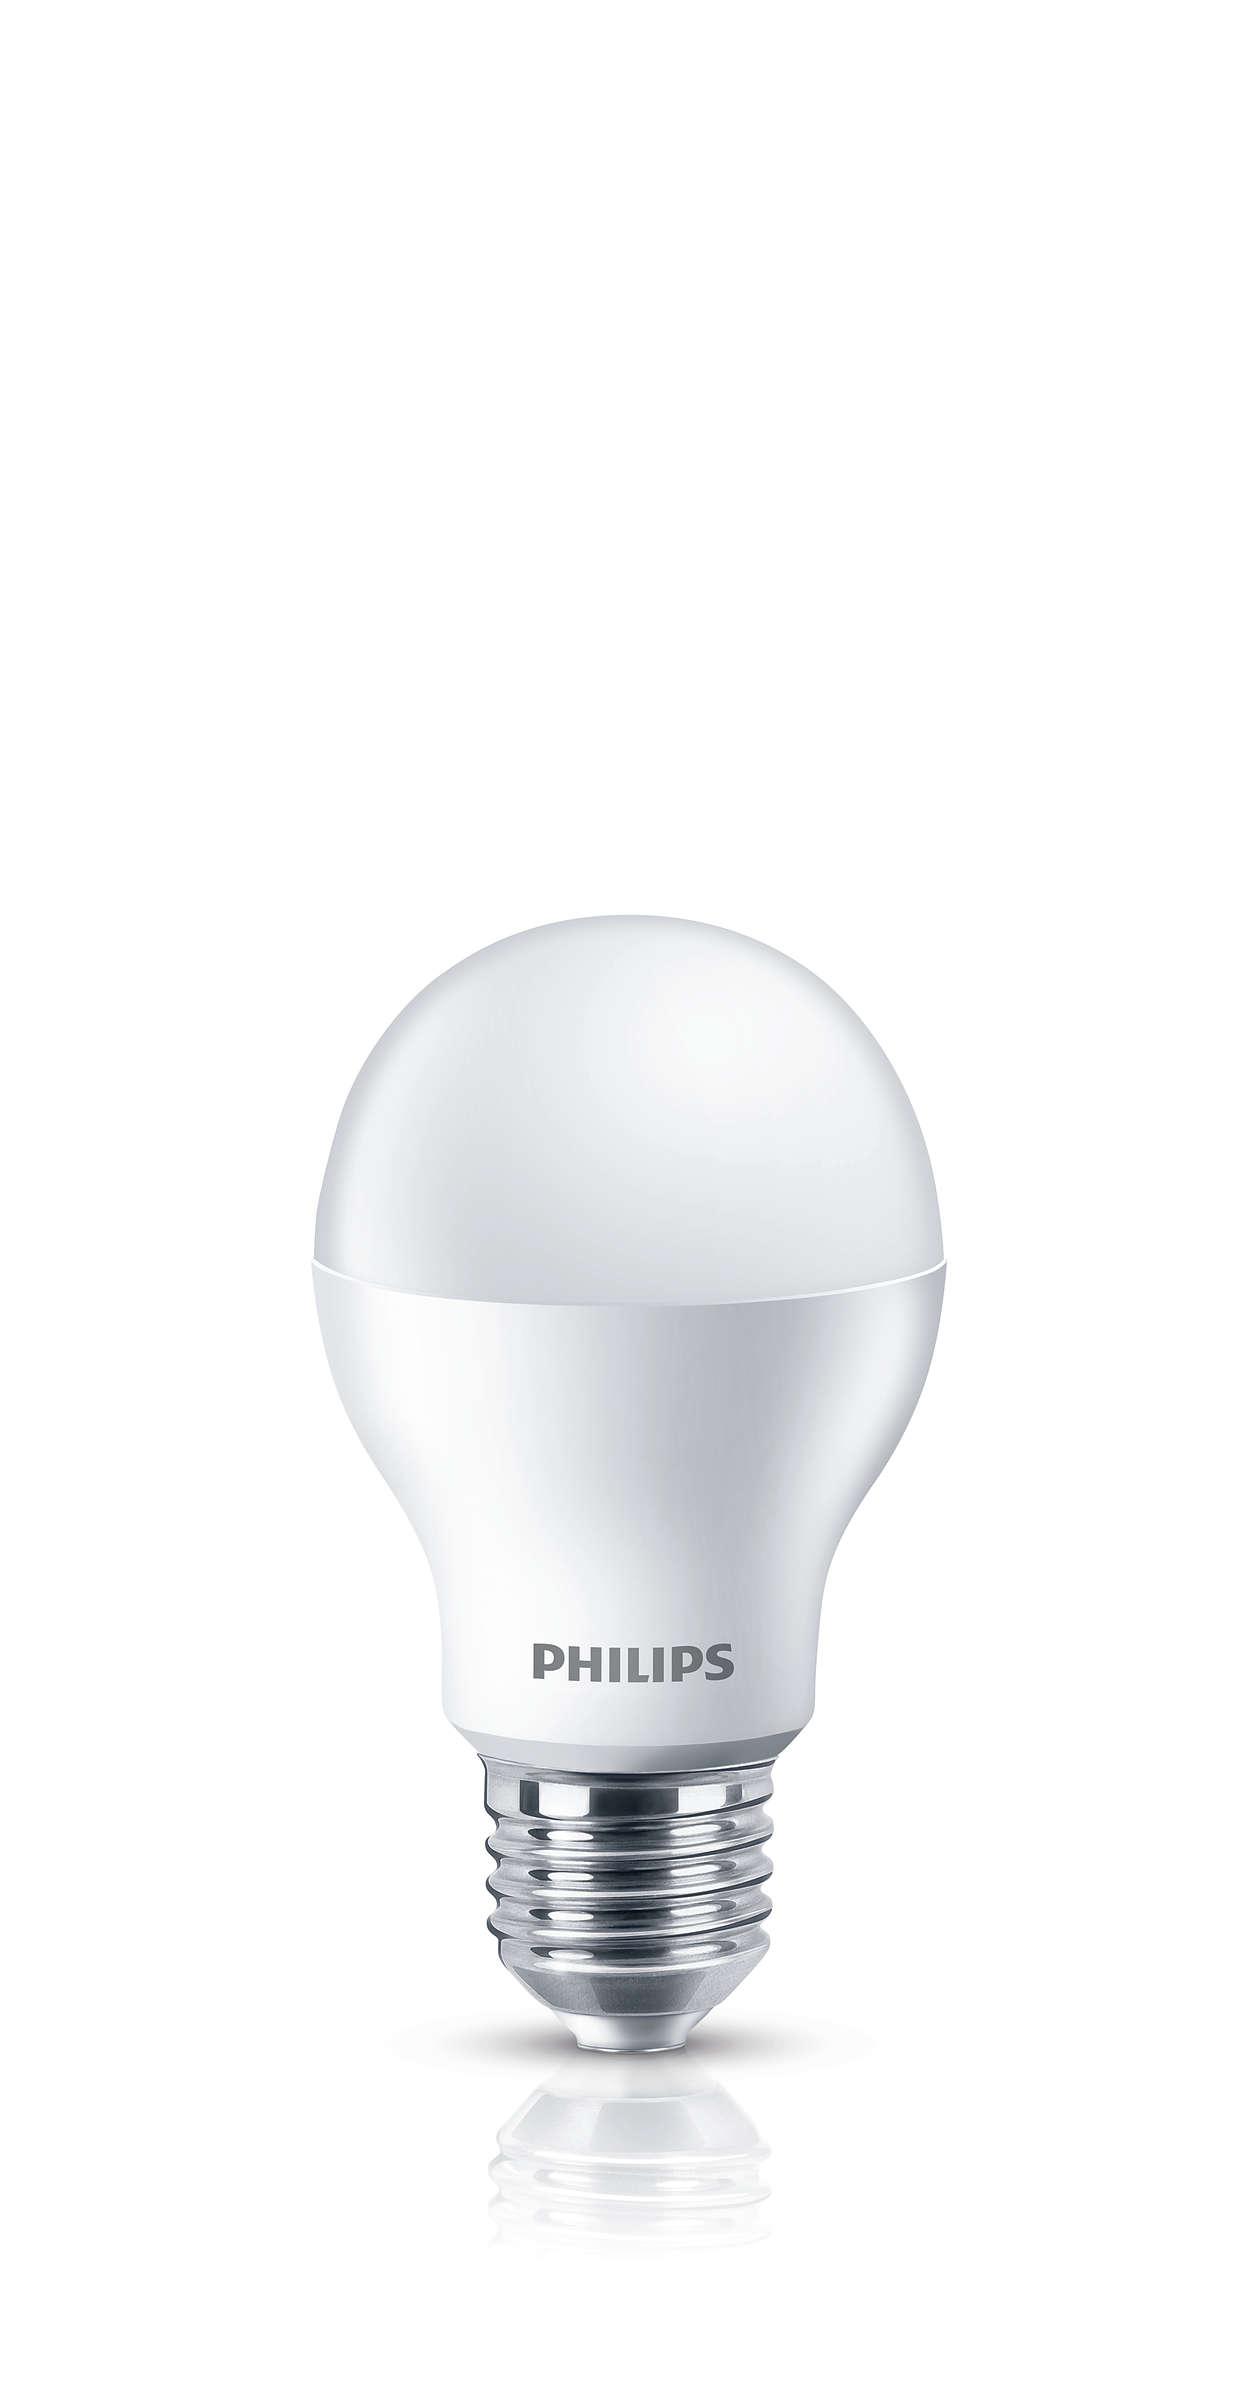 優れた照明品質の明るい LED 照明